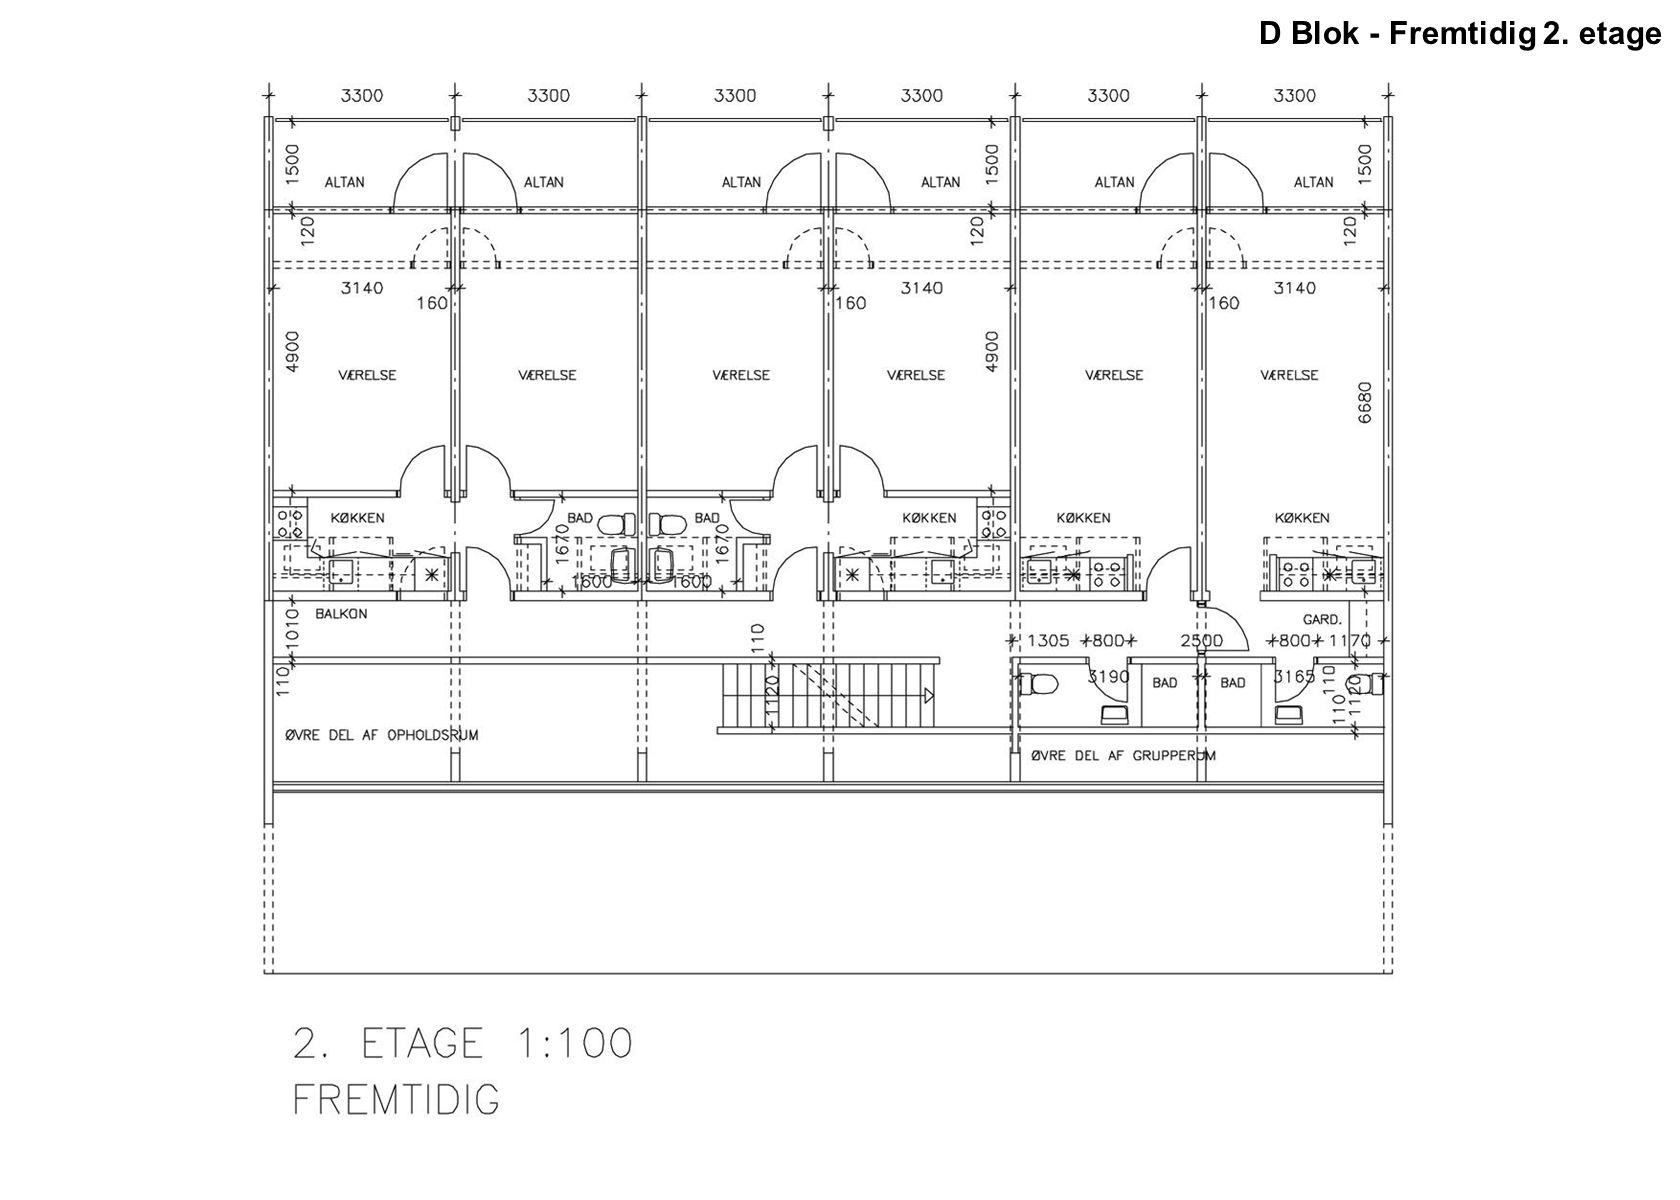 D Blok - Fremtidig 2. etage